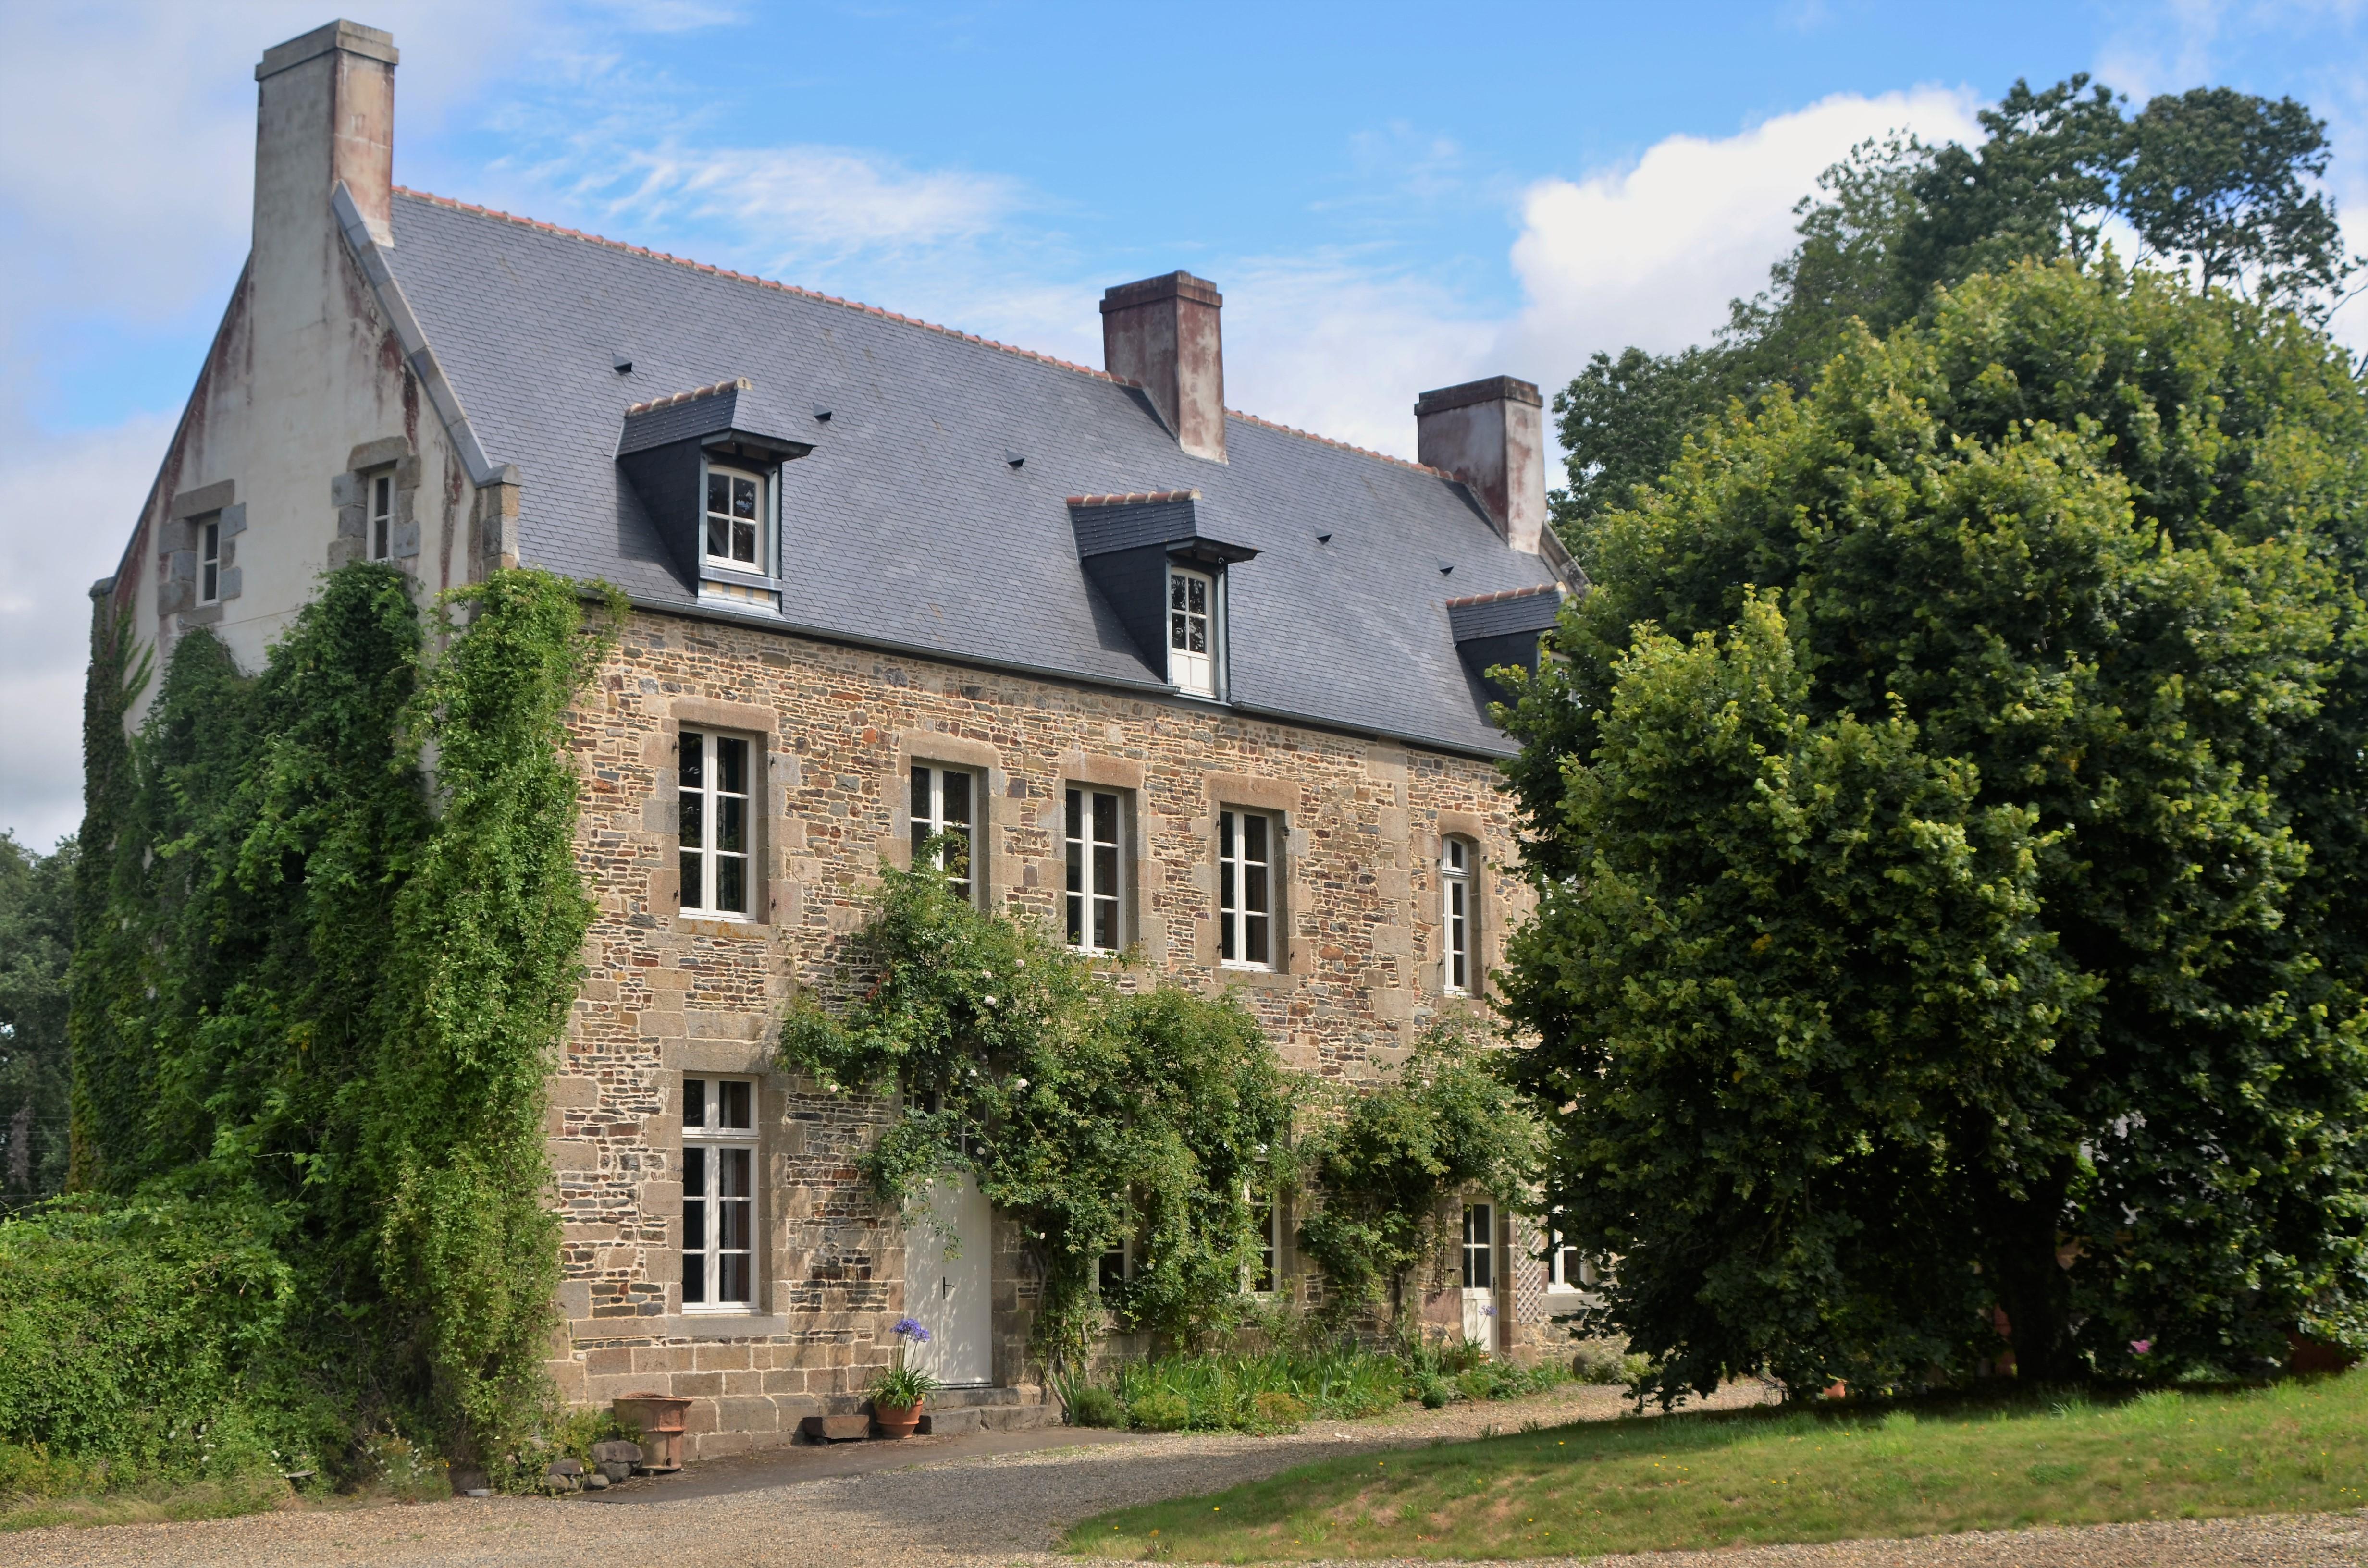 Das Landgut Le Tertre Ychot Liegt Am Stadtrand Von Dol De Bretagne, Gut 20  Km Von Der Kanalküste Entfernt Im Département Ille Et Vilaine.